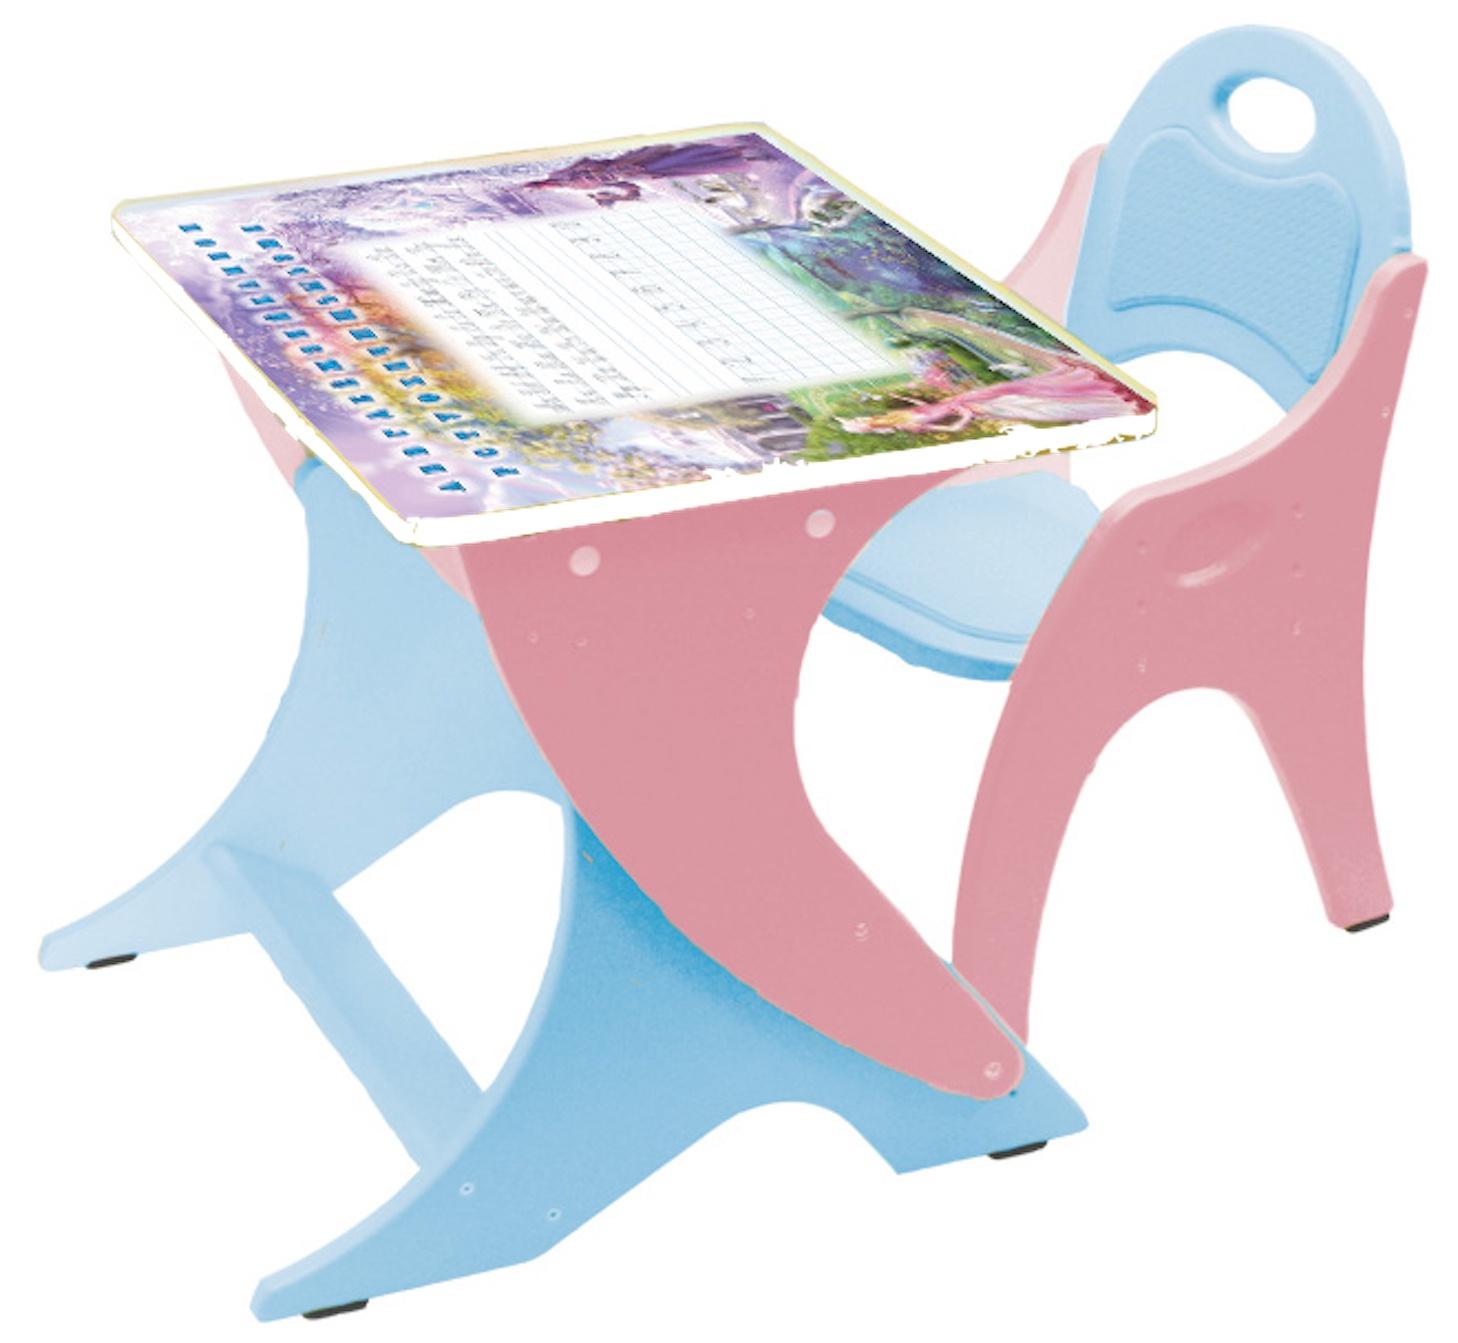 Набор детской мебели Тех Кидс РЕГУЛИРУЕМЫЙ, голубой, розовый